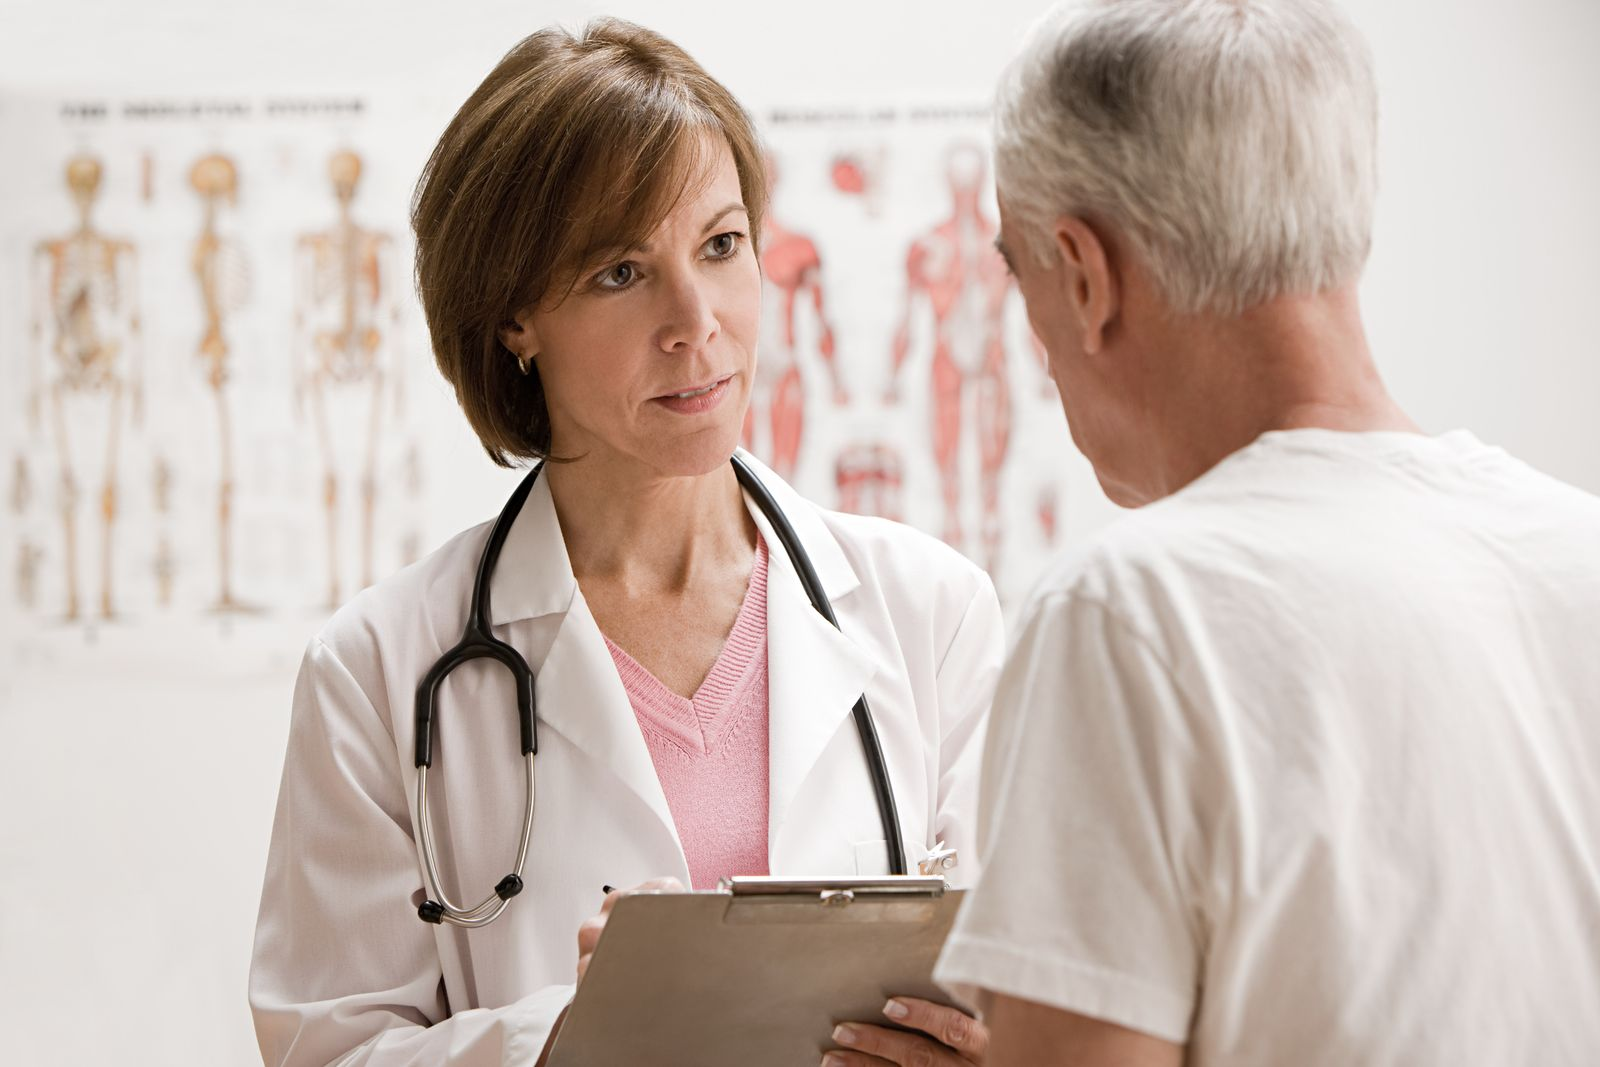 NICHT MEHR VERWENDEN! - Arzt / Ärztin / Patient / Praxis / Untersuchung